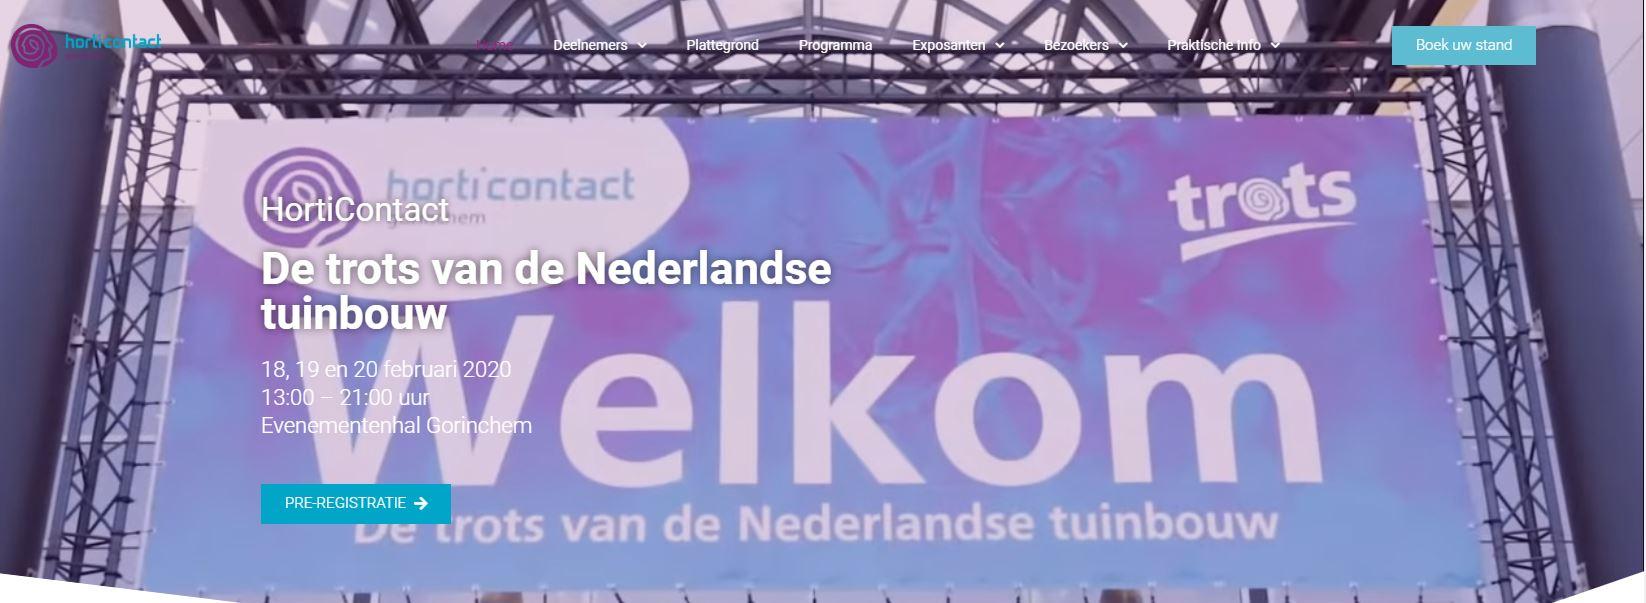 HortiContact – Trots van de Nederlandse glastuinbouw.